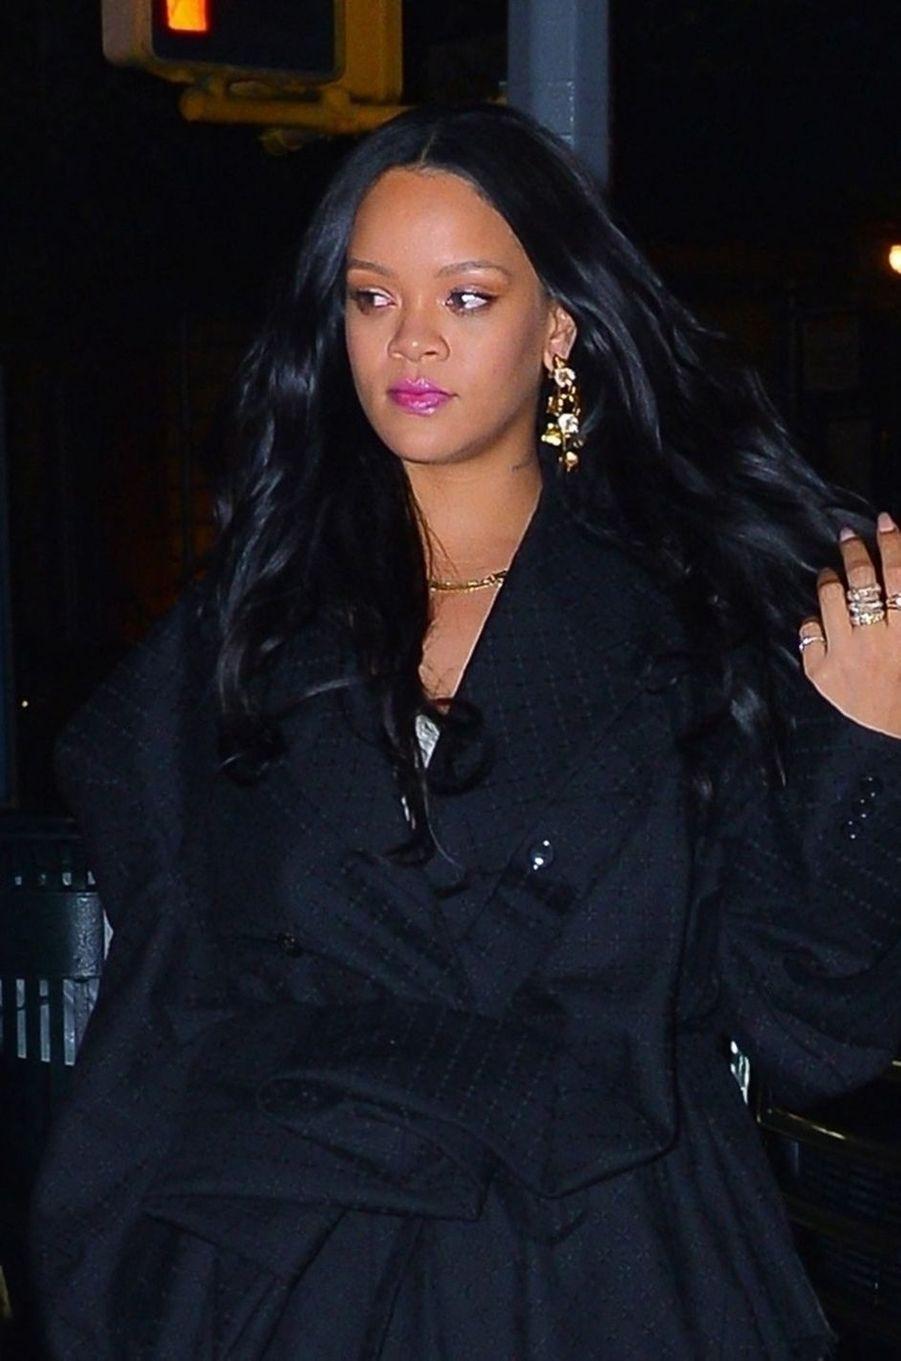 En janvier 2020, il a été annoncé que Rihanna avait rompu du Saoudien Hassan Jameel, qu'elle fréquentait depuis 2016.